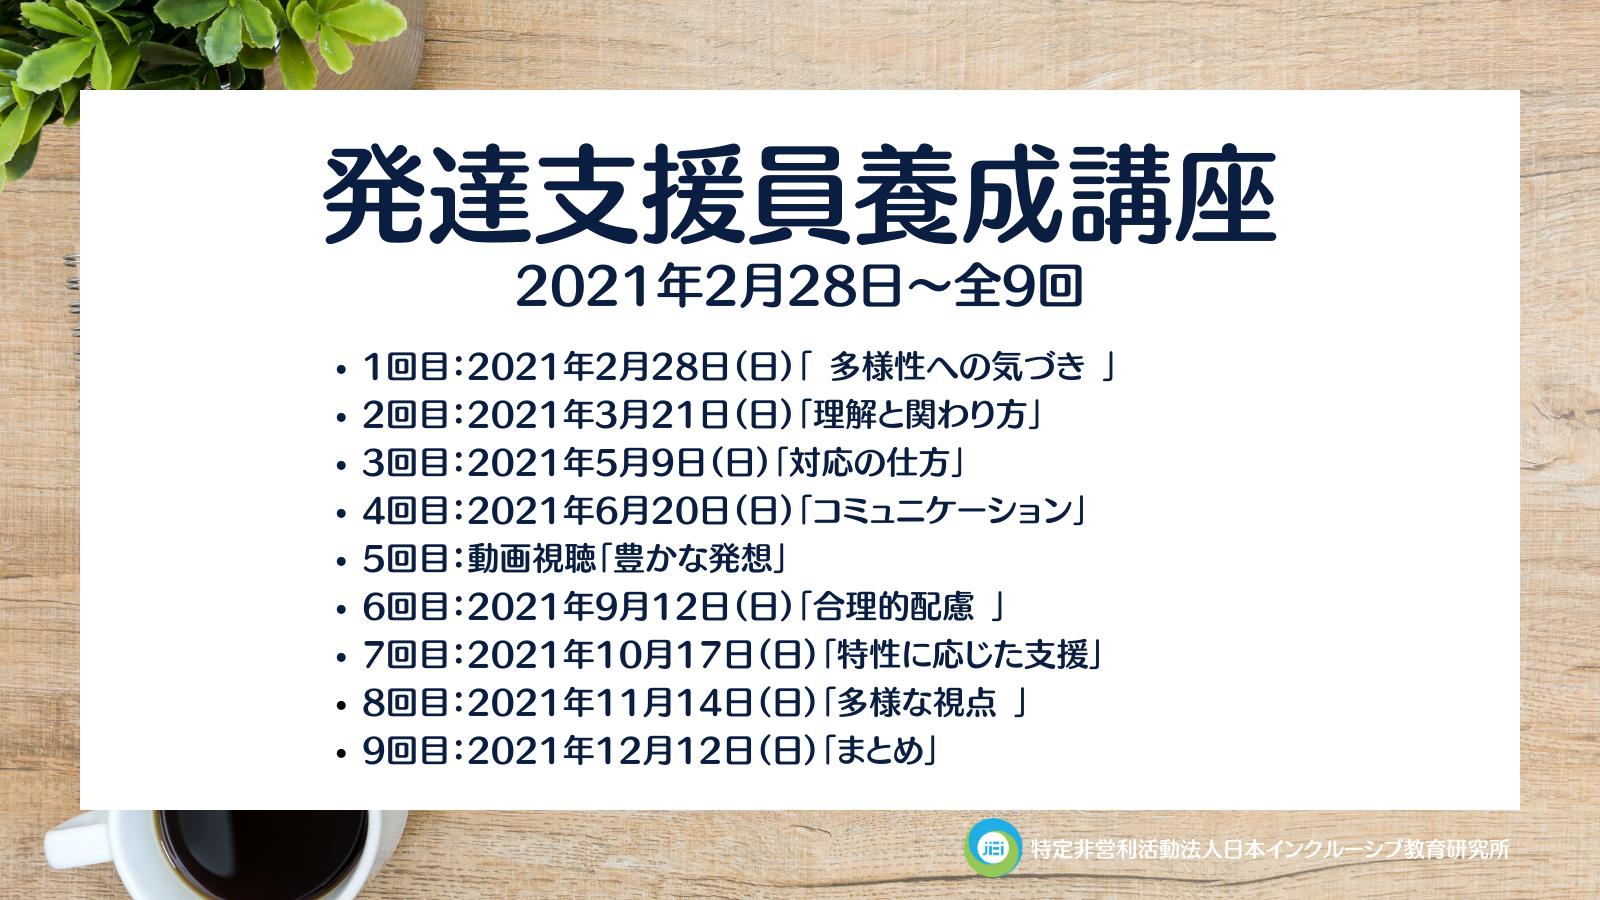 第6期学習・発達支援員養成講座 2021年2月28日~全9回